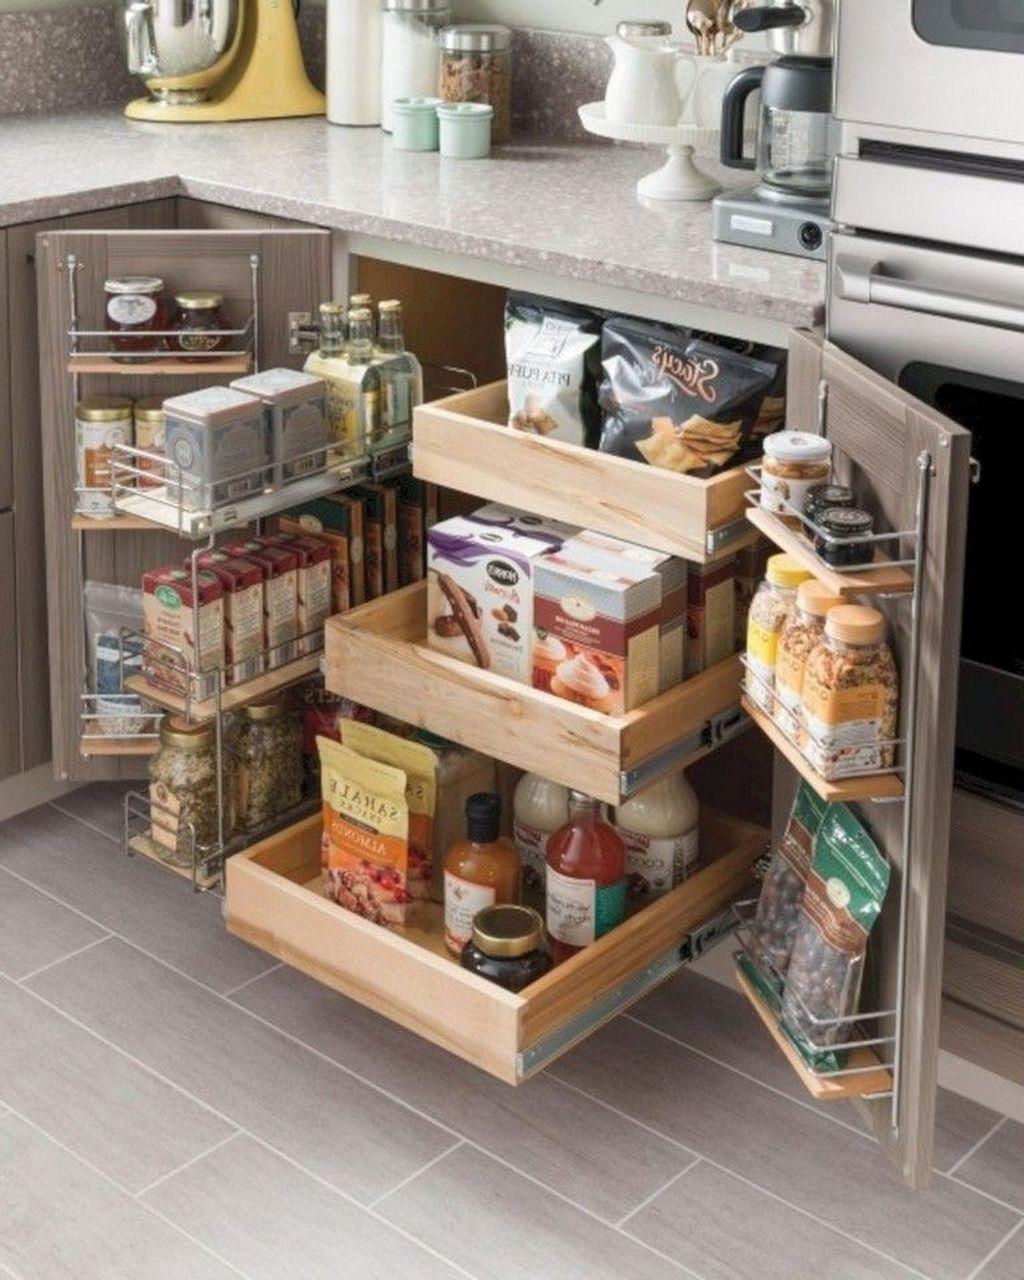 The Best Kitchen Organization Ideas46 Kitchen Storage Solutions Kitchen Design Small Kitchen Remodel Small